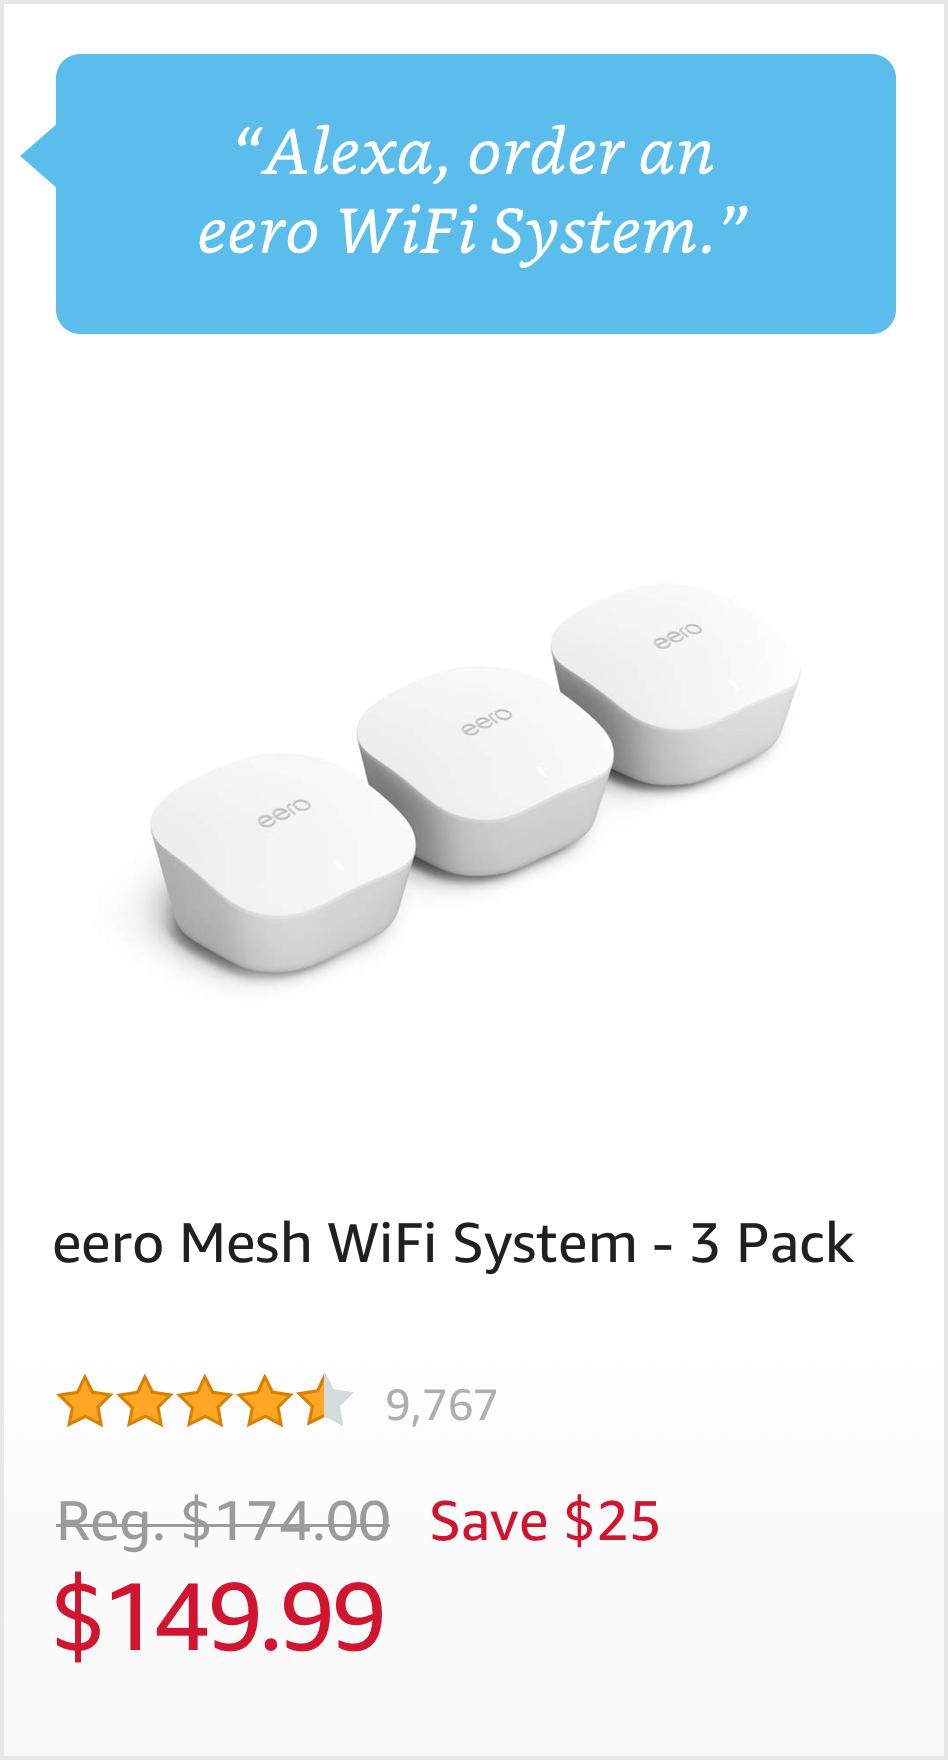 """""""Order an eero WiFi System."""" $149.99"""